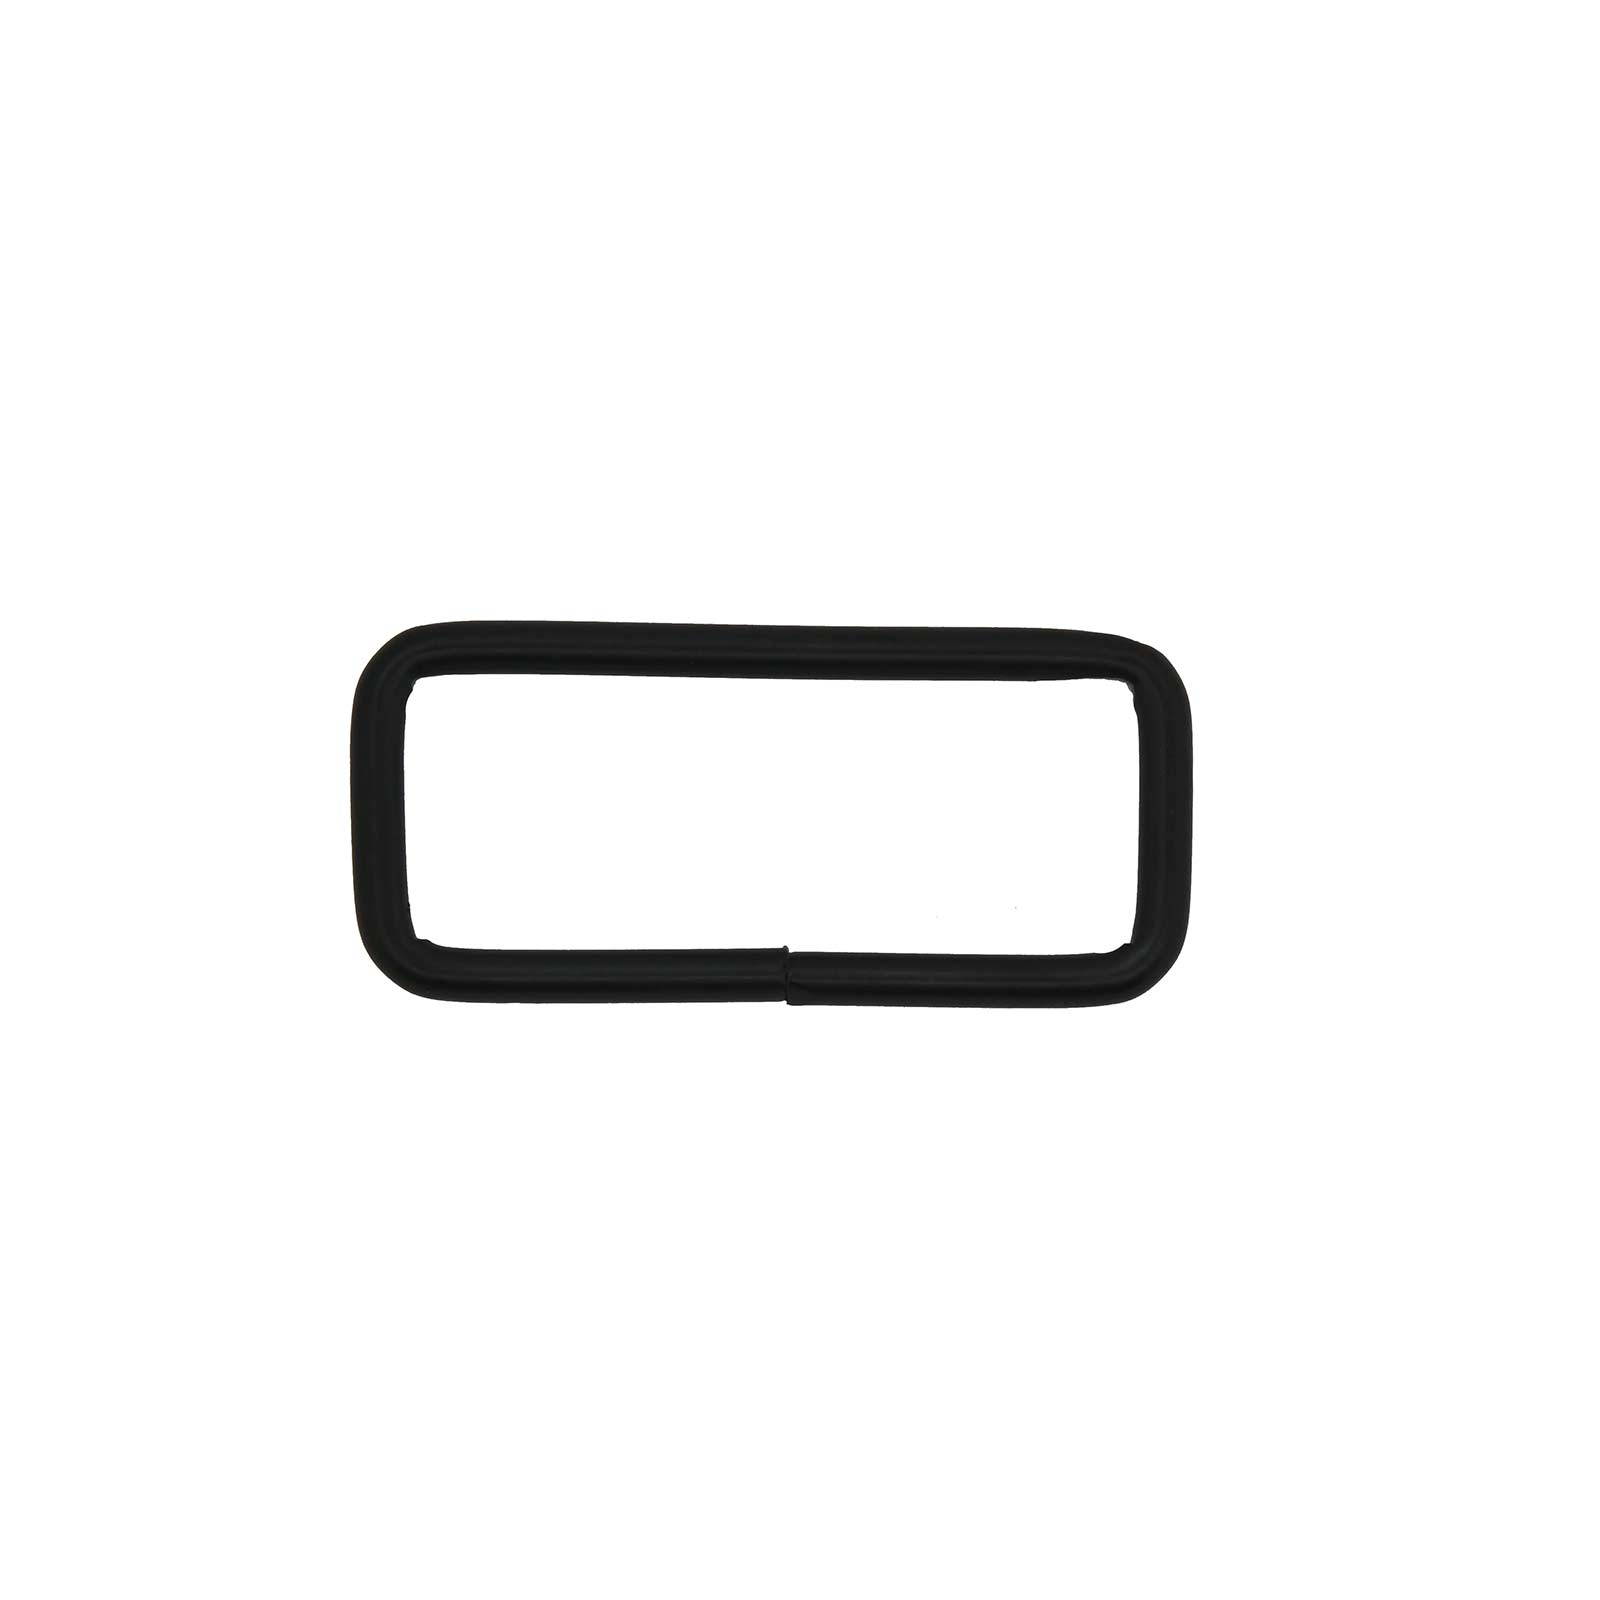 10 Rechteck Ringe Rahmen Durchzug Metall-Schlaufe Gurtband Variantenwahl – Bild 16